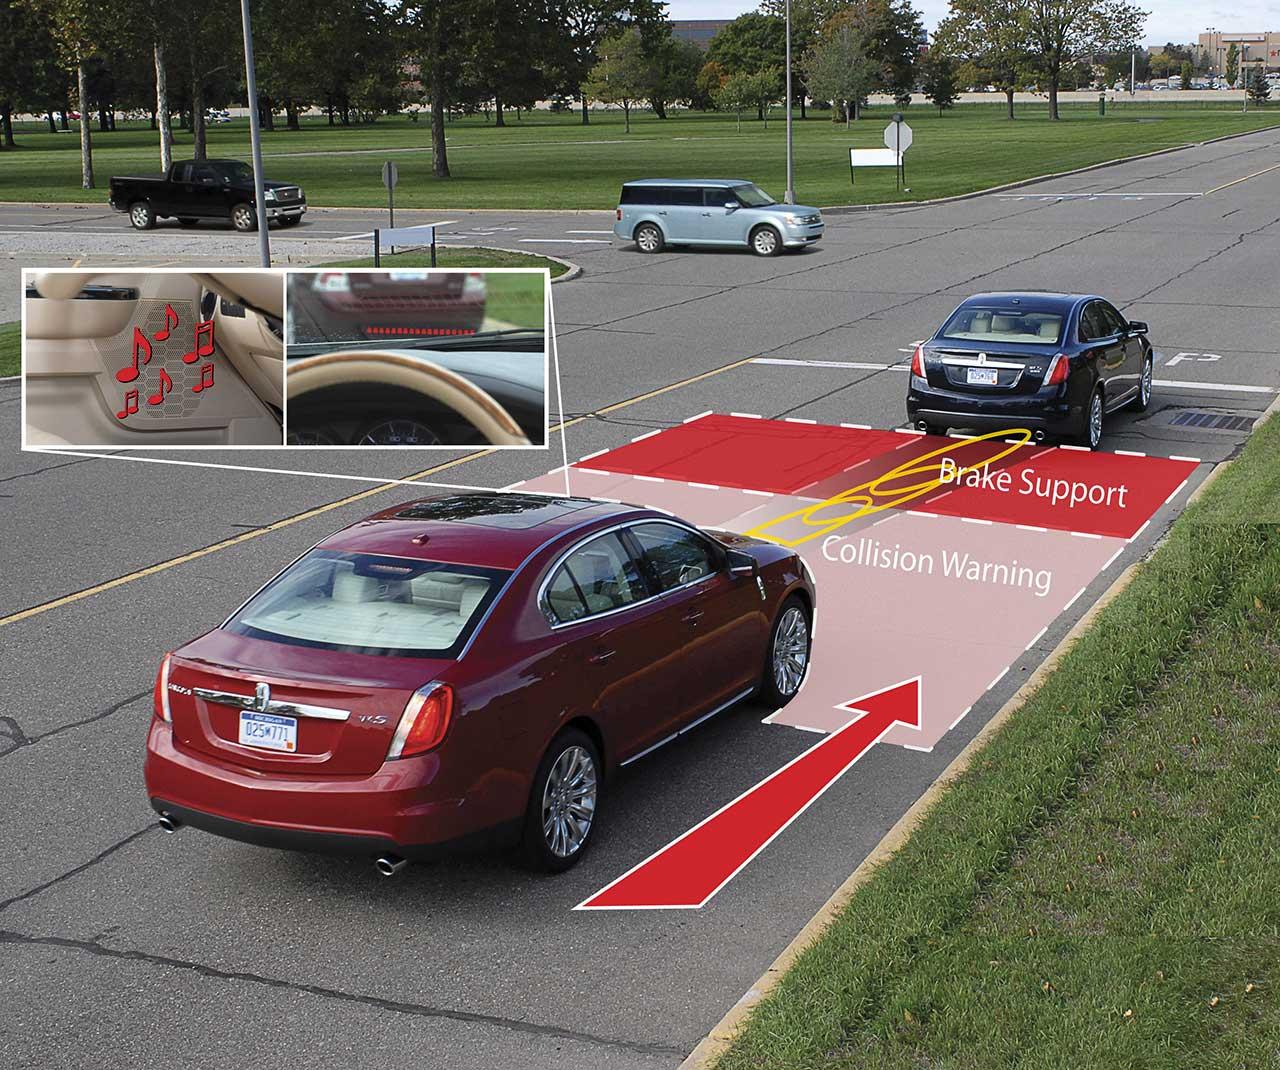 In günstigen Fahrzeugen basiert die Kollisionswarnung bisweilen allein auf einer Stereo-Kamera. (C) Ford Motor Company, USA CC BY 2.0